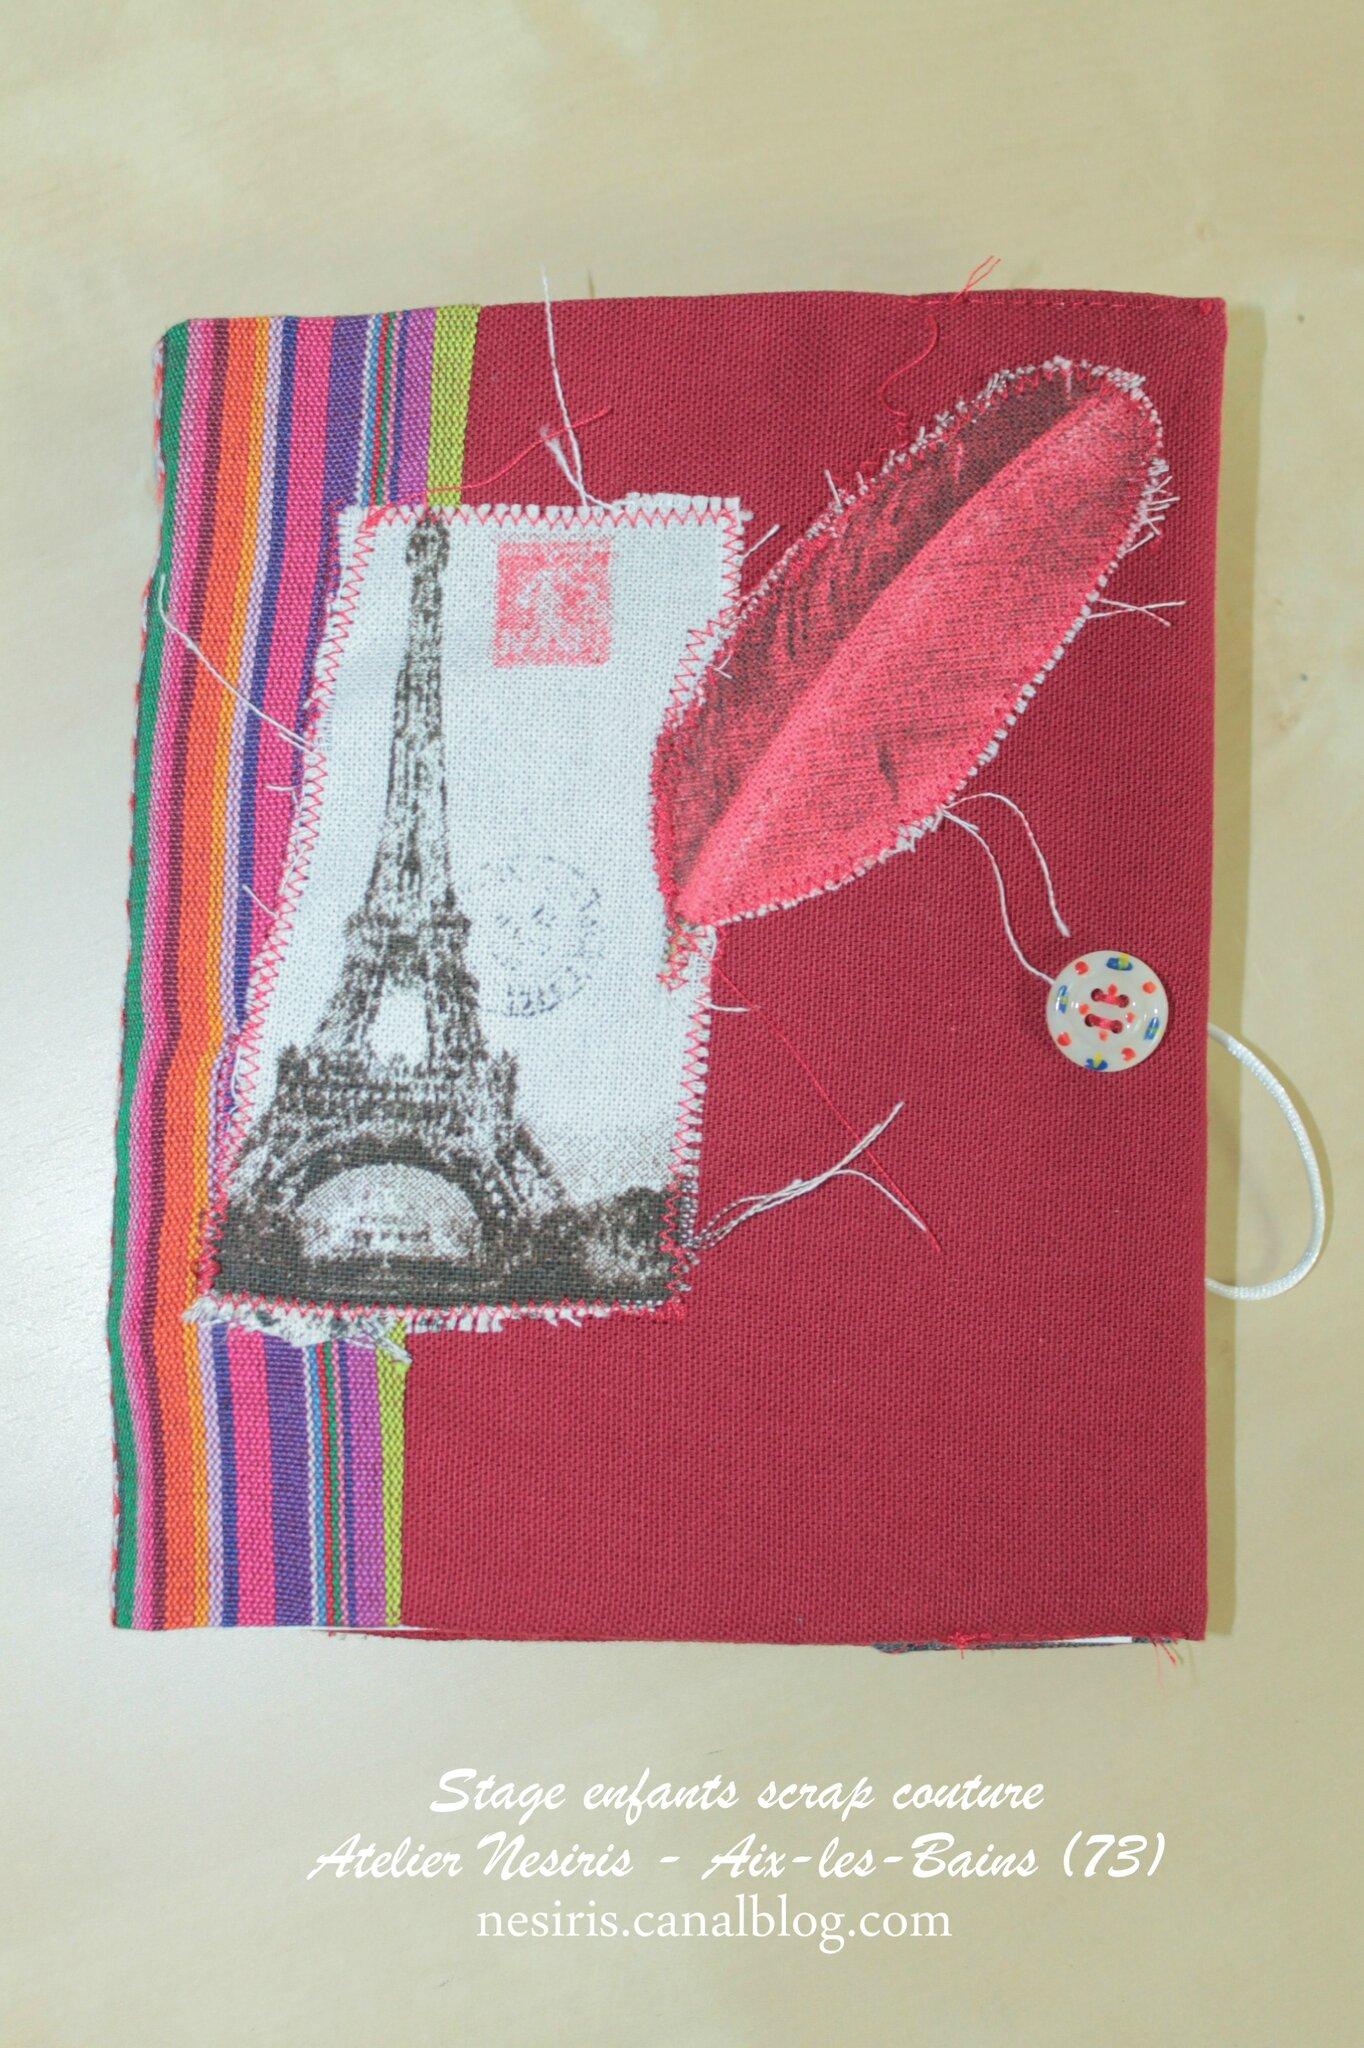 Stage enfants scrapbooking couture - atelier nesiris - aix-les-bains22